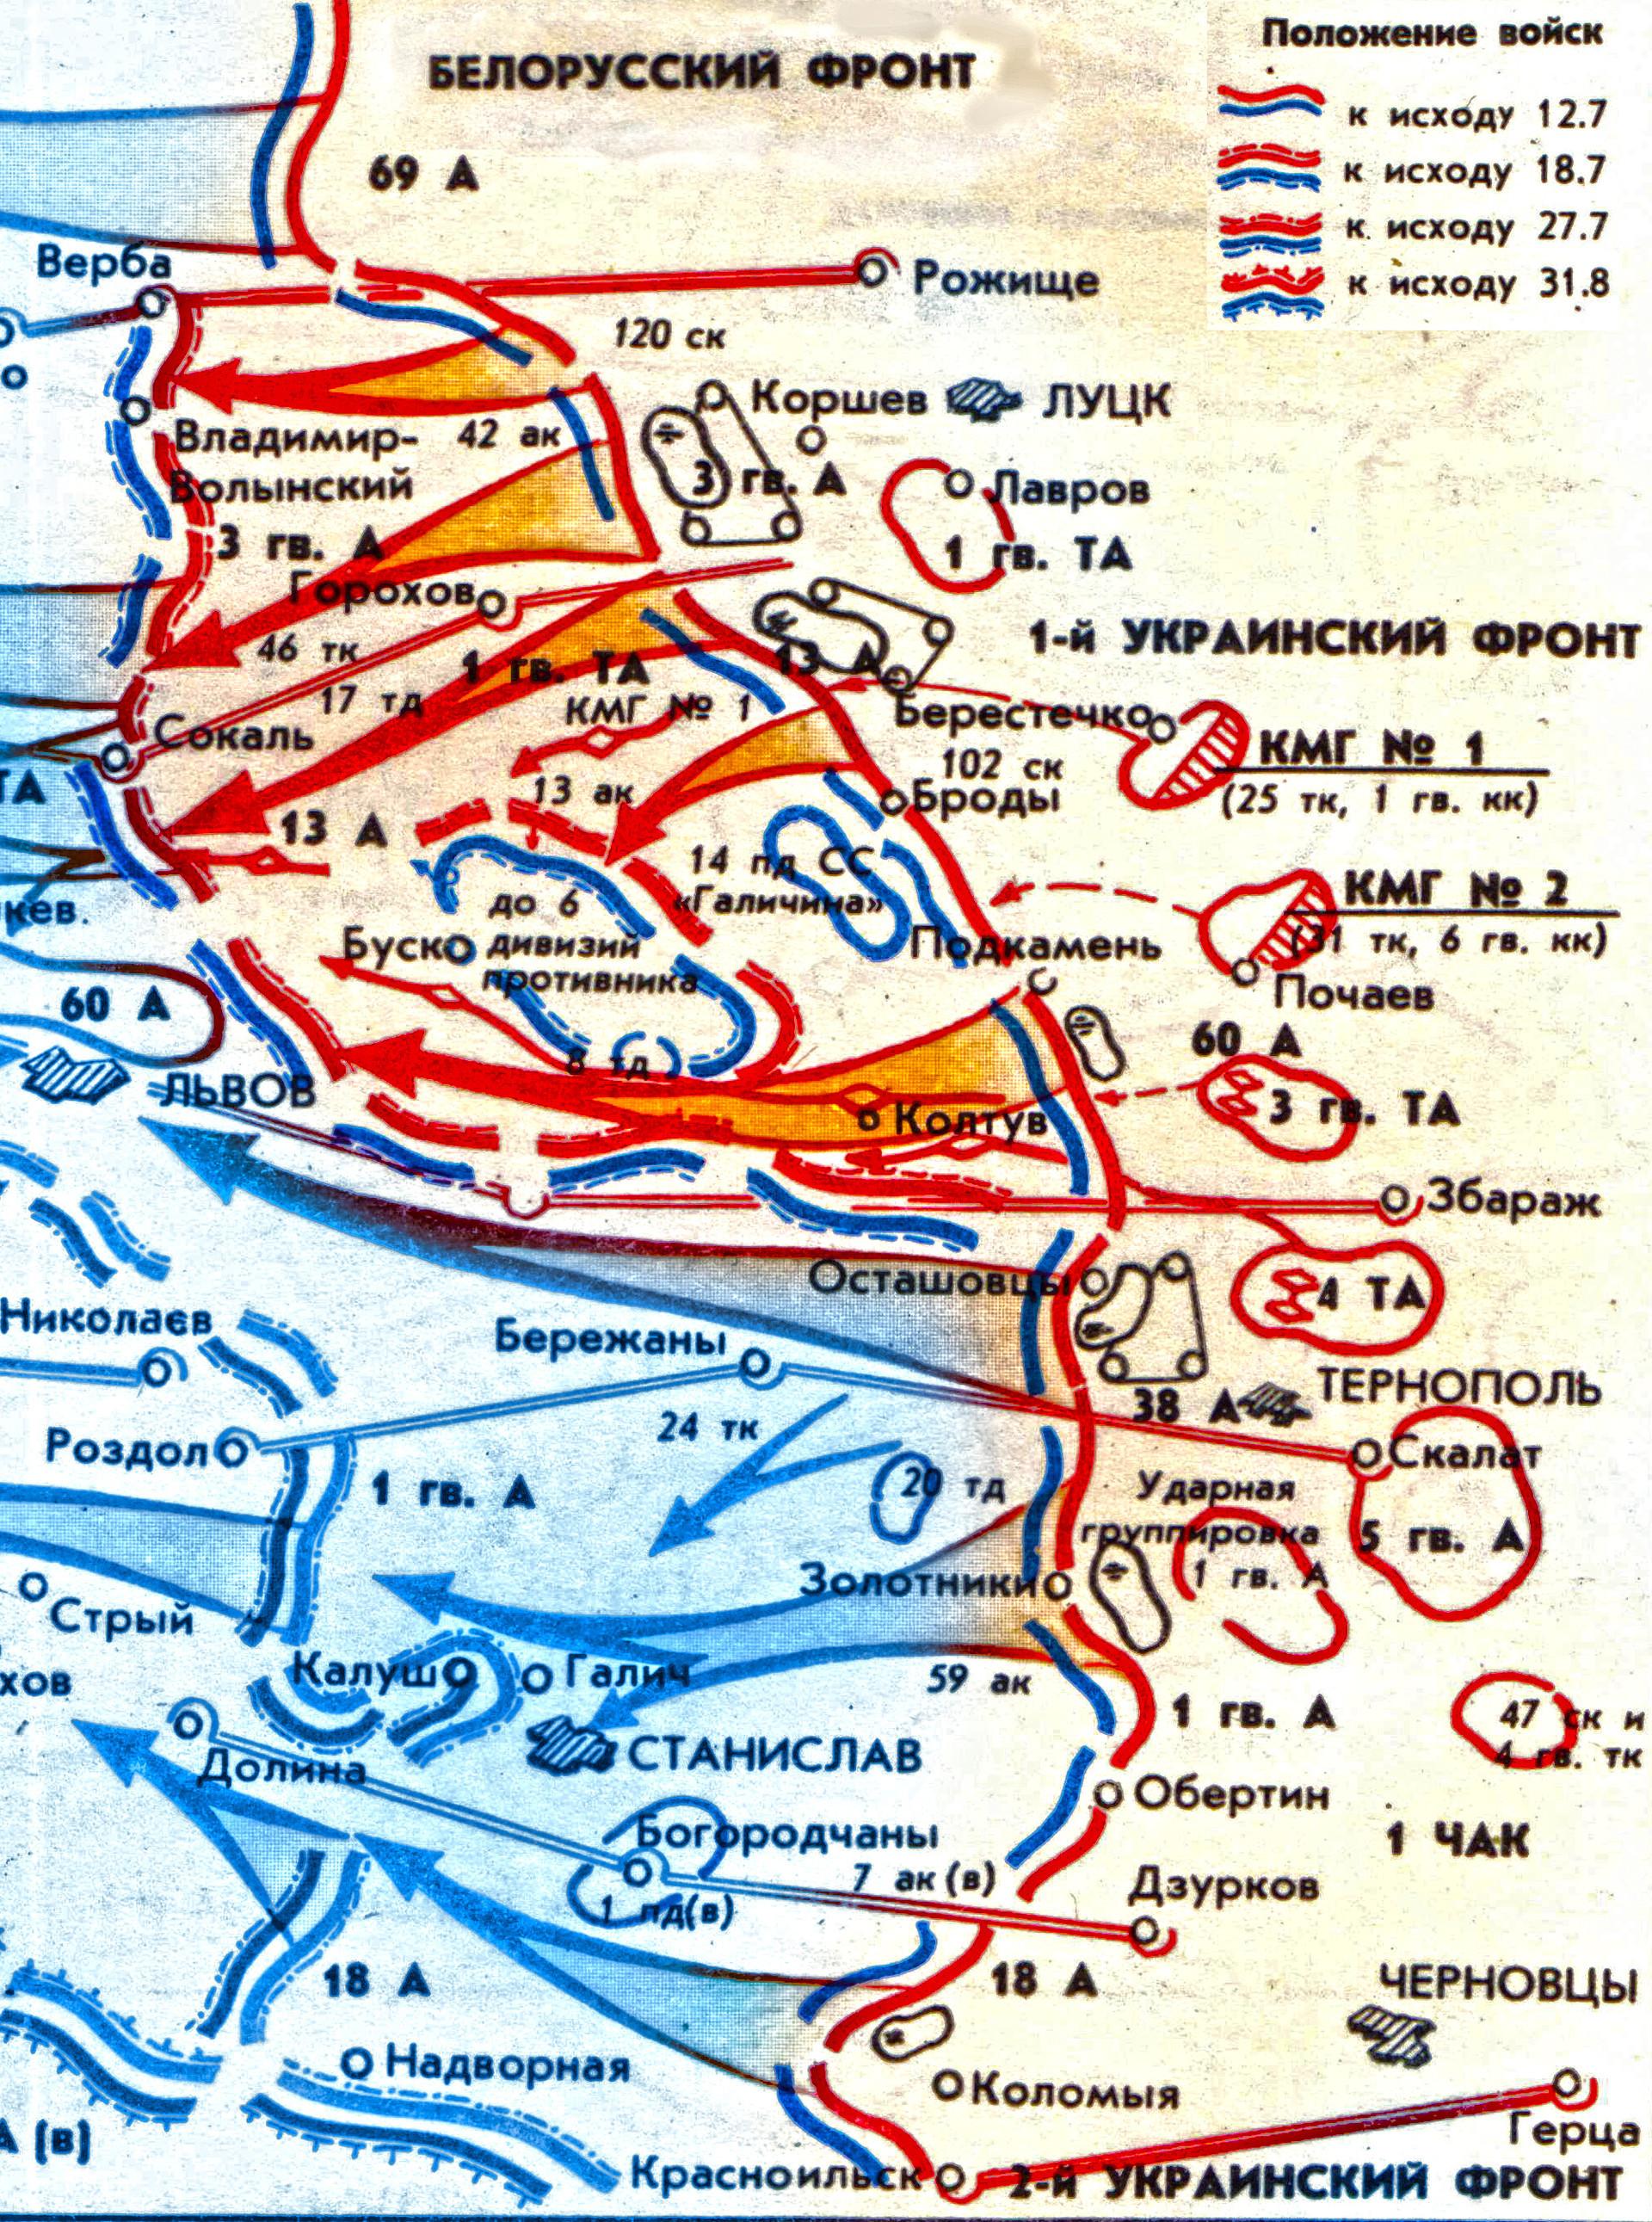 Okruženje 13. aK i 14. SS divizije